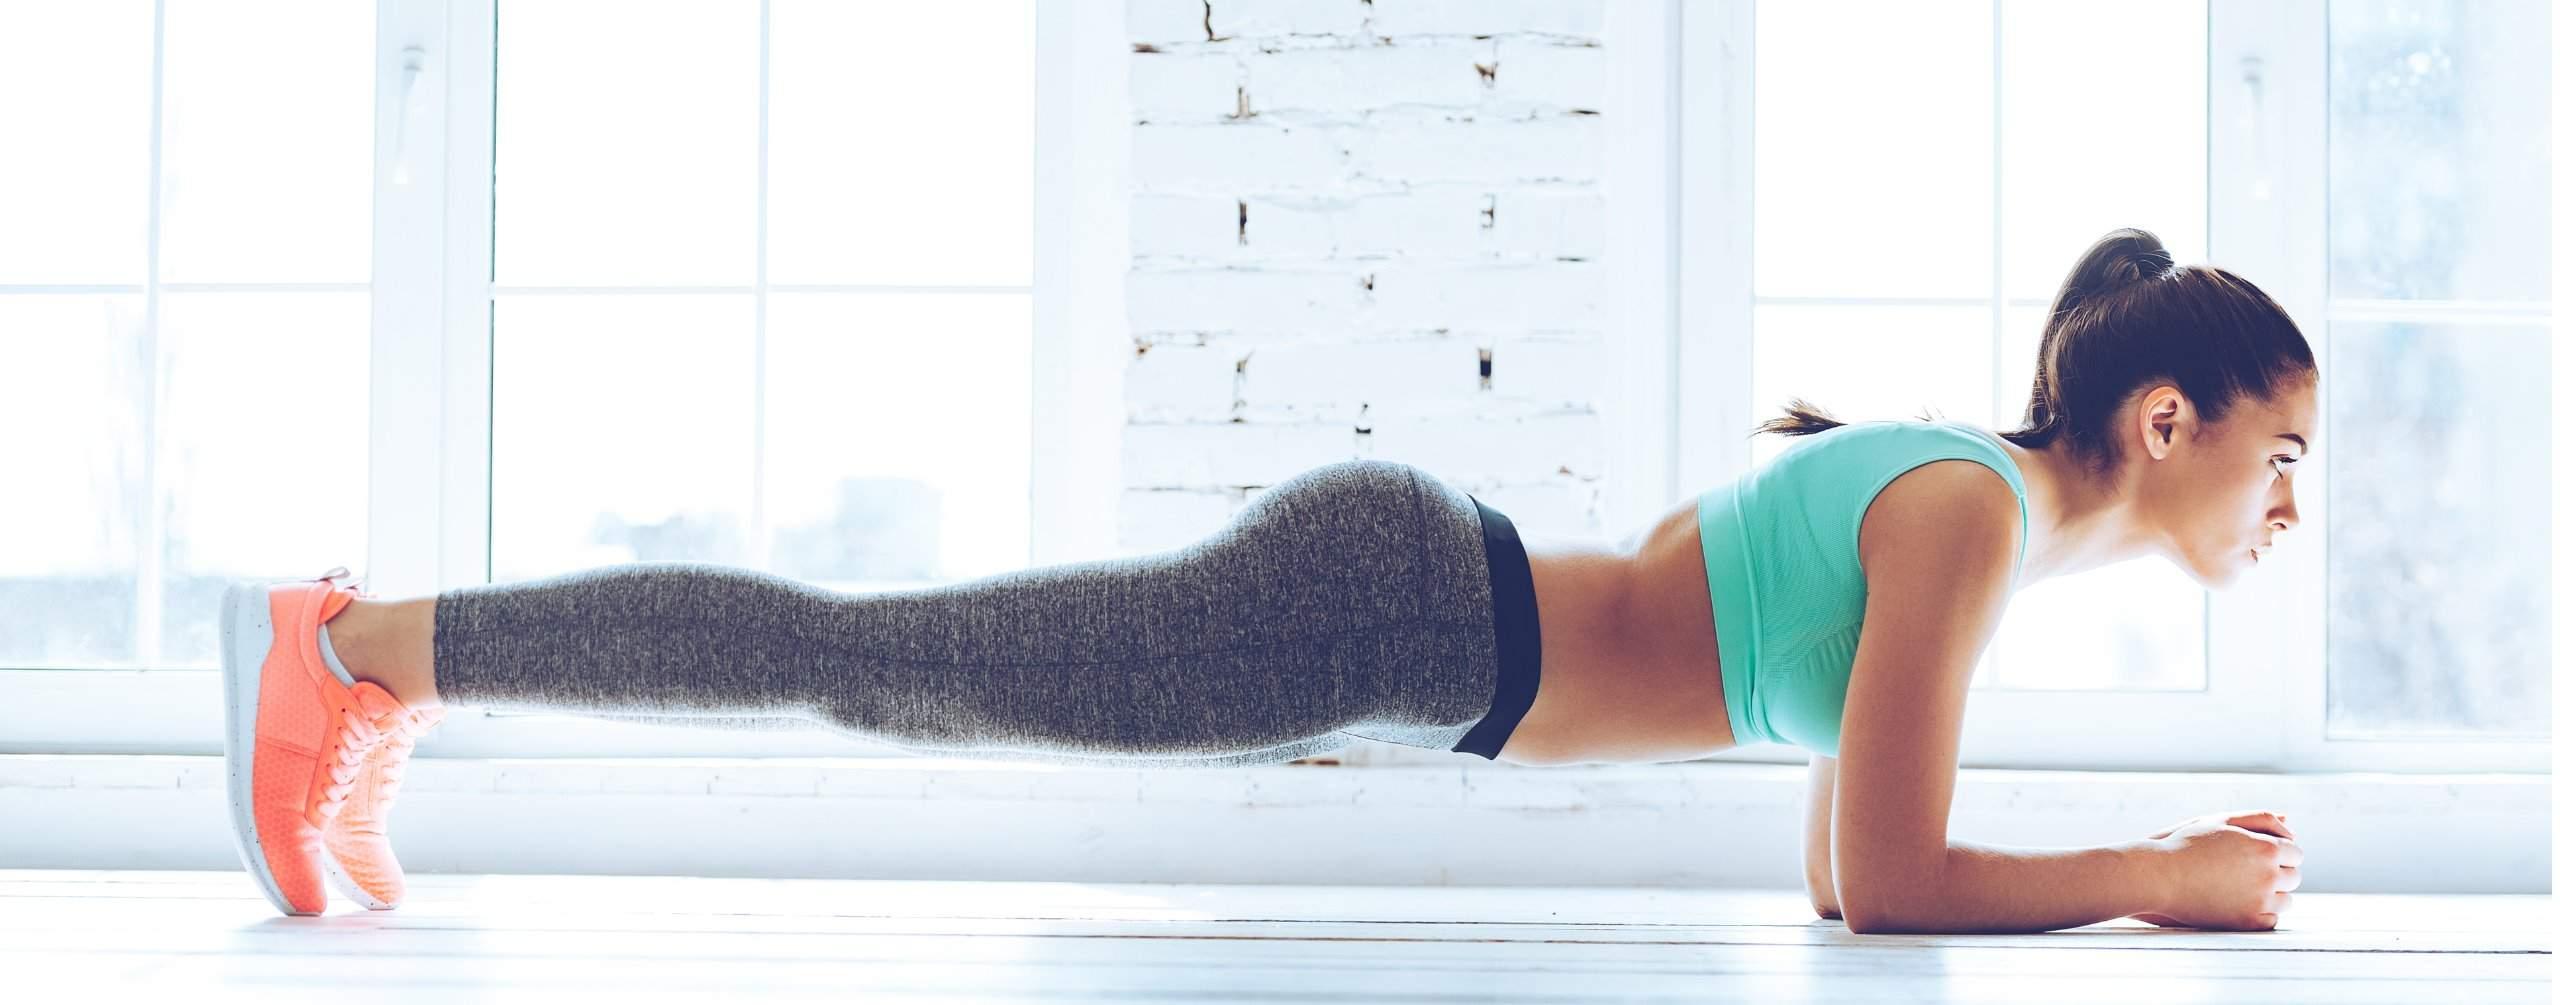 Junge Frau macht eine Sportübung.